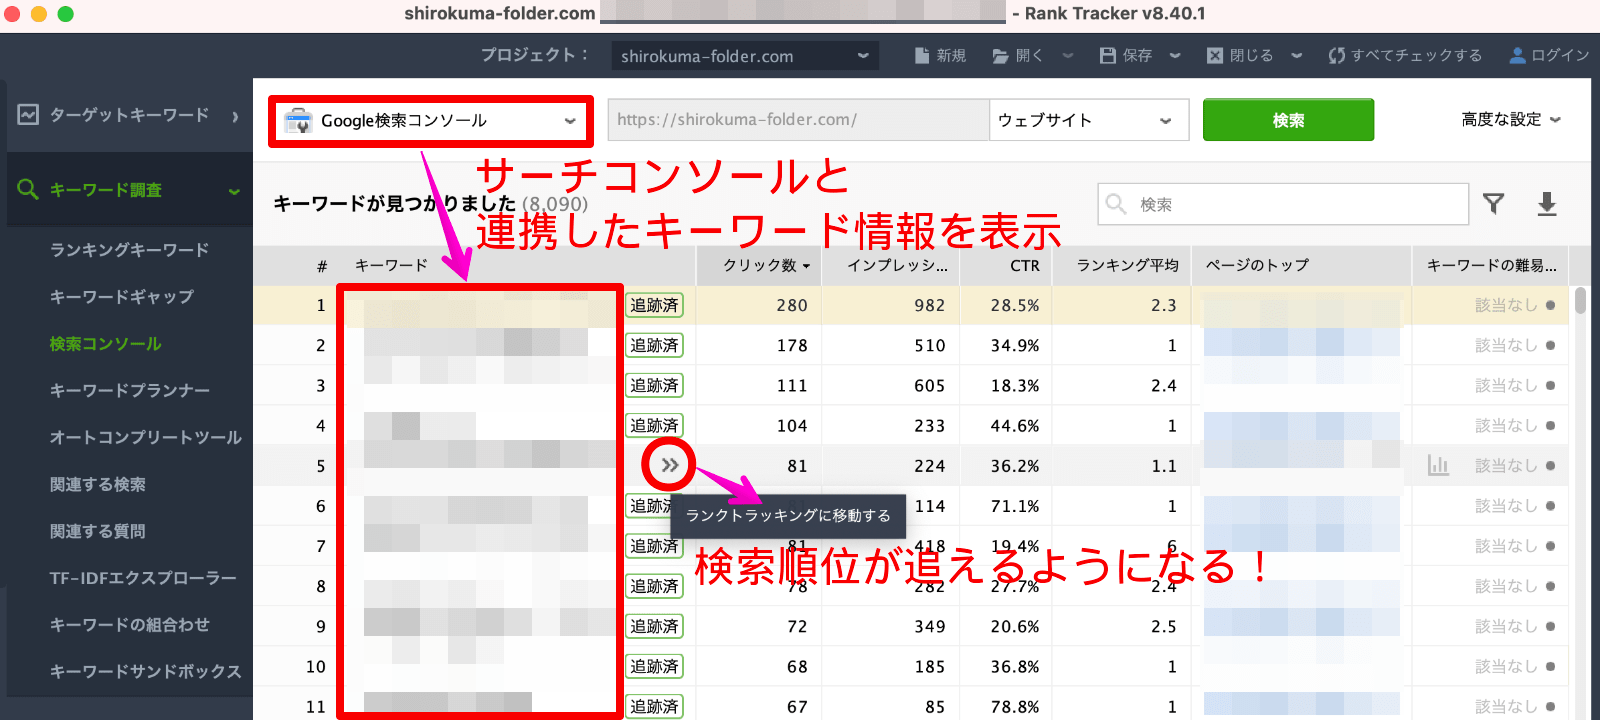 キーワードツールと連携後、検索順位追跡用キーワードを登録